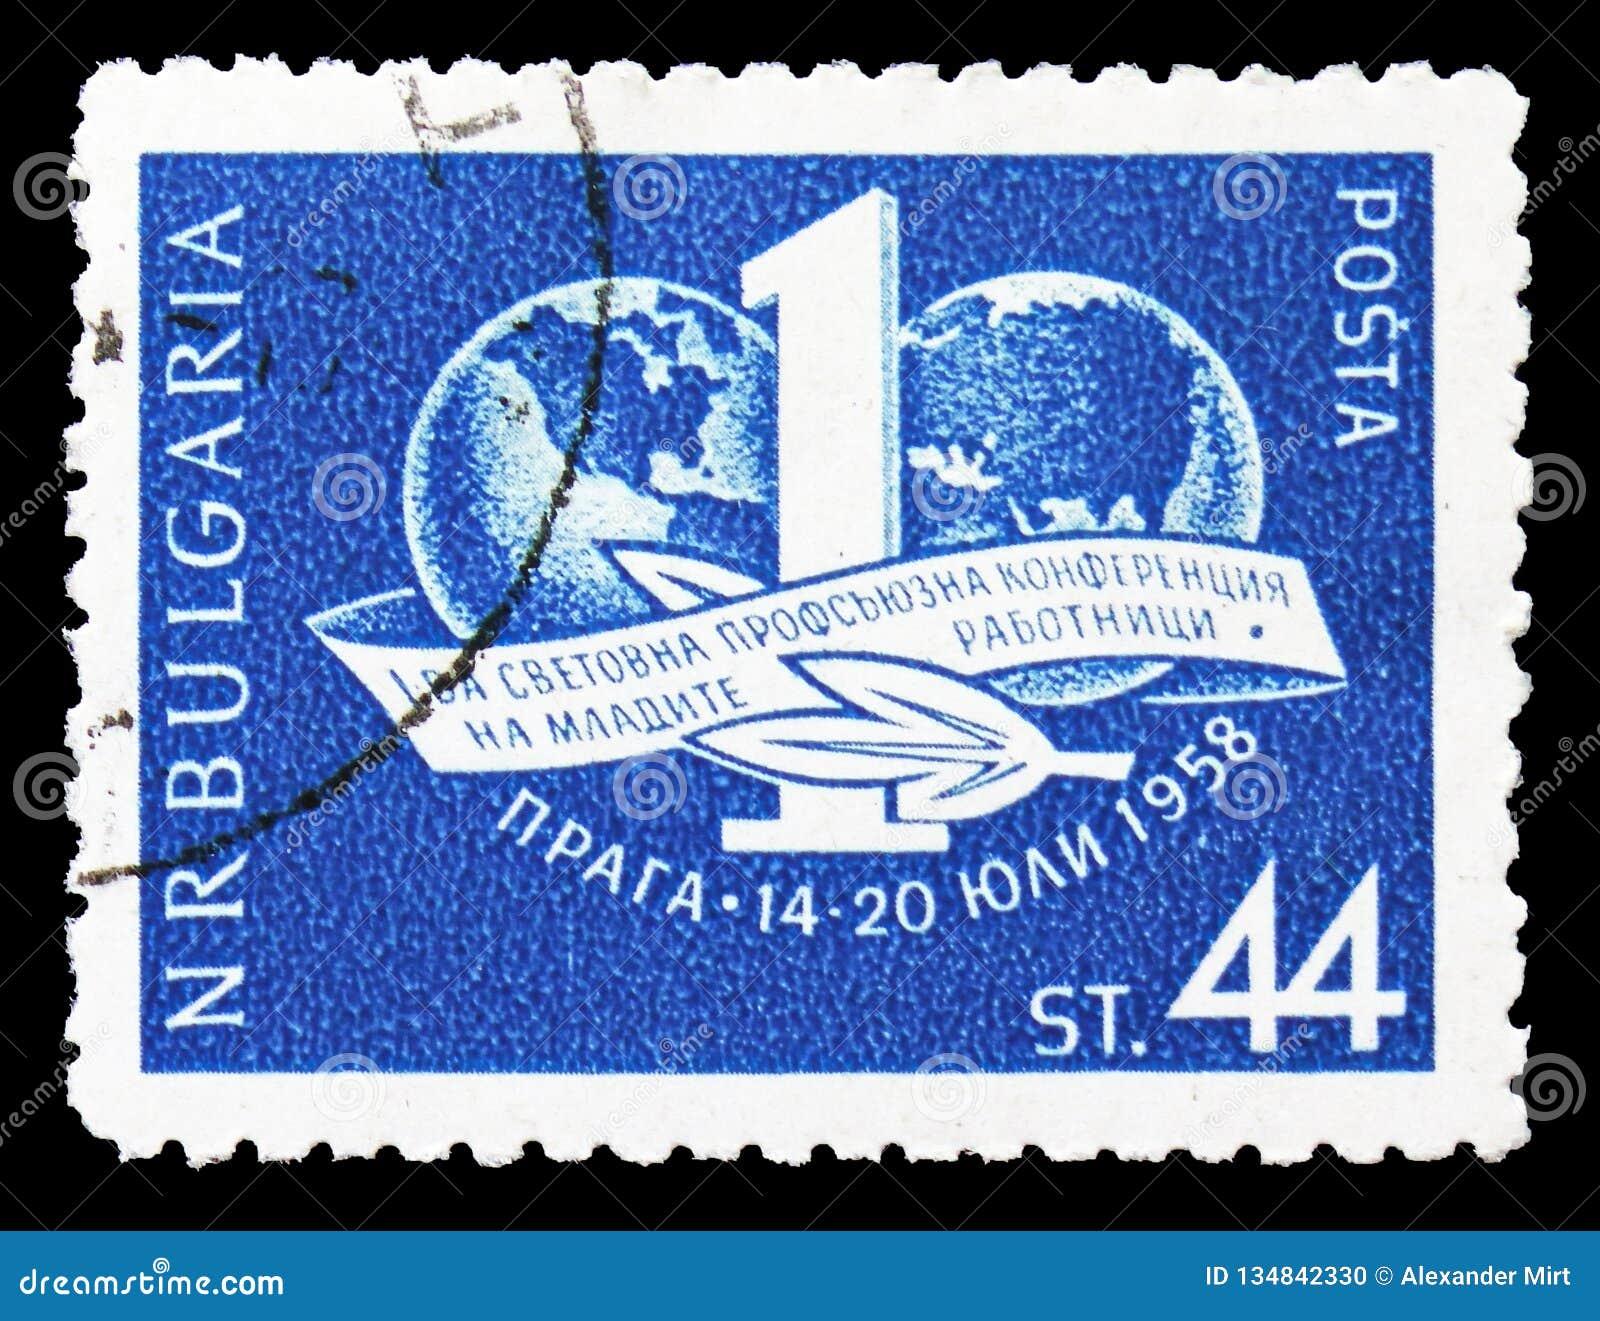 Konferencyjny emblemat, konferencja międzynarodowa Pracująca młodość, Praga seria około 1958,